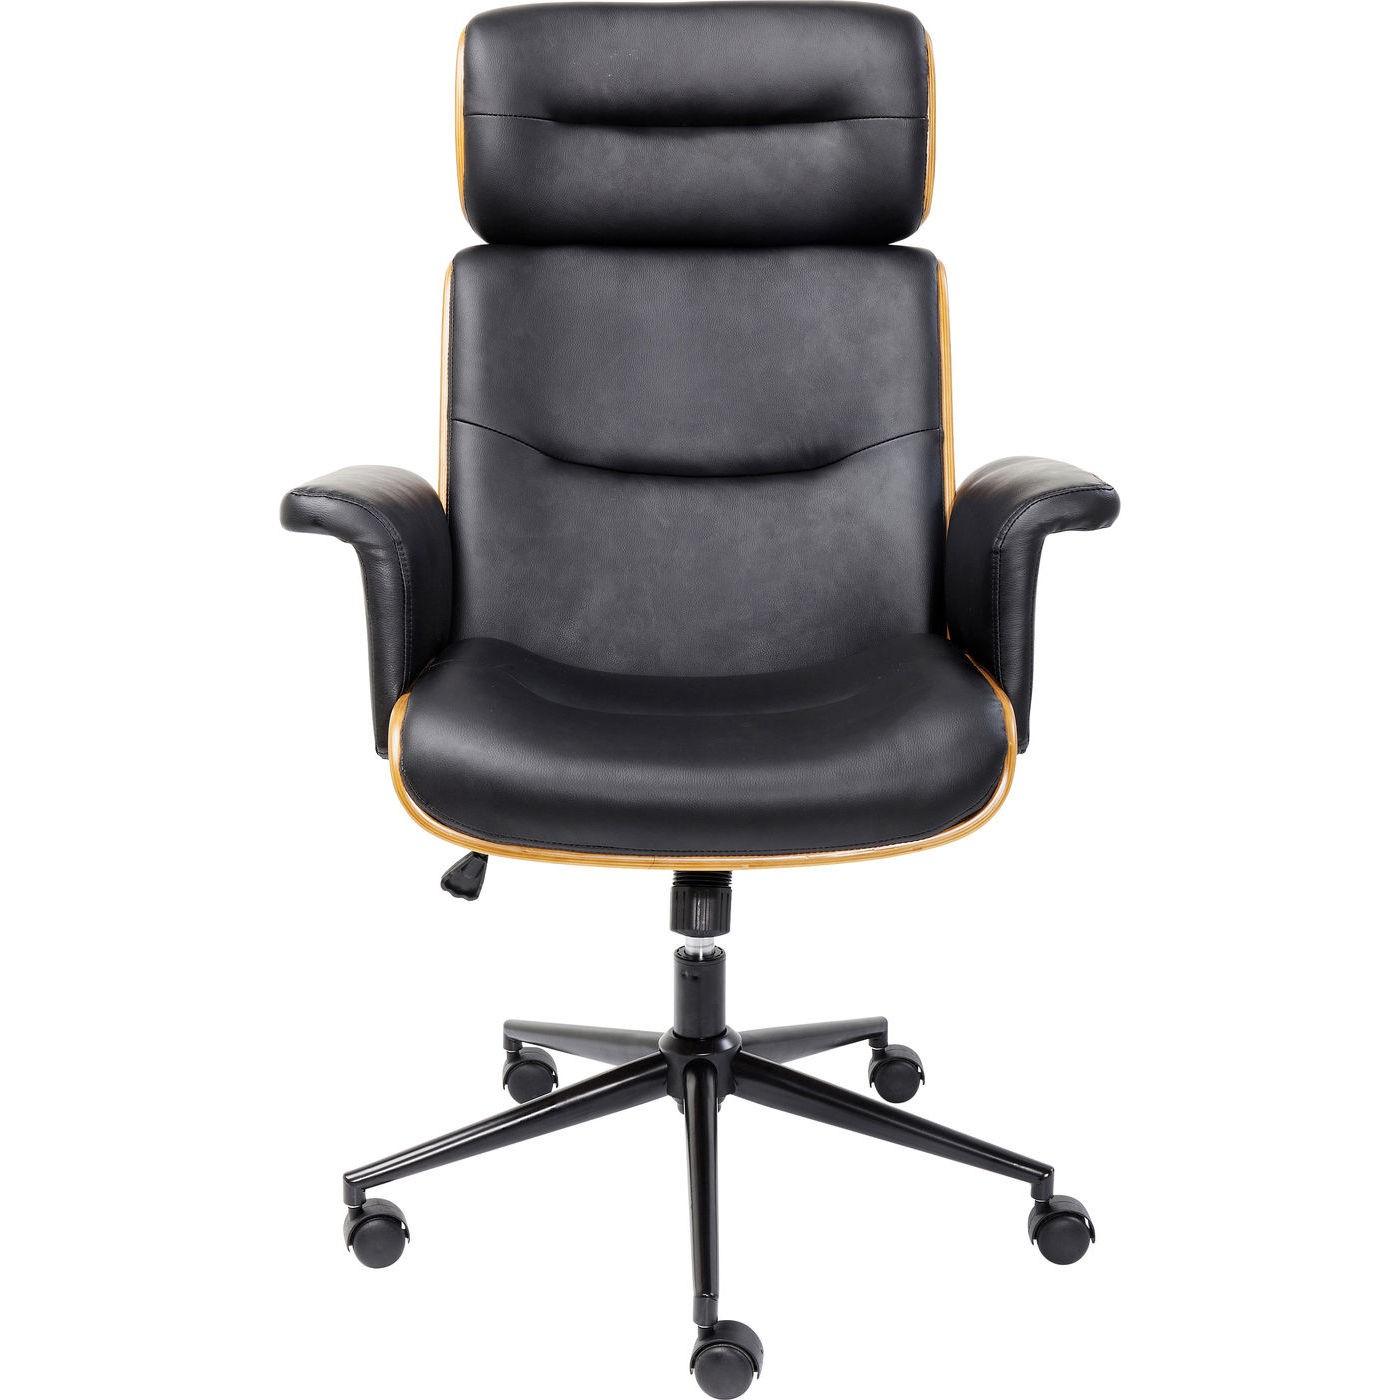 Chaise de bureau réglable à roulettes noire